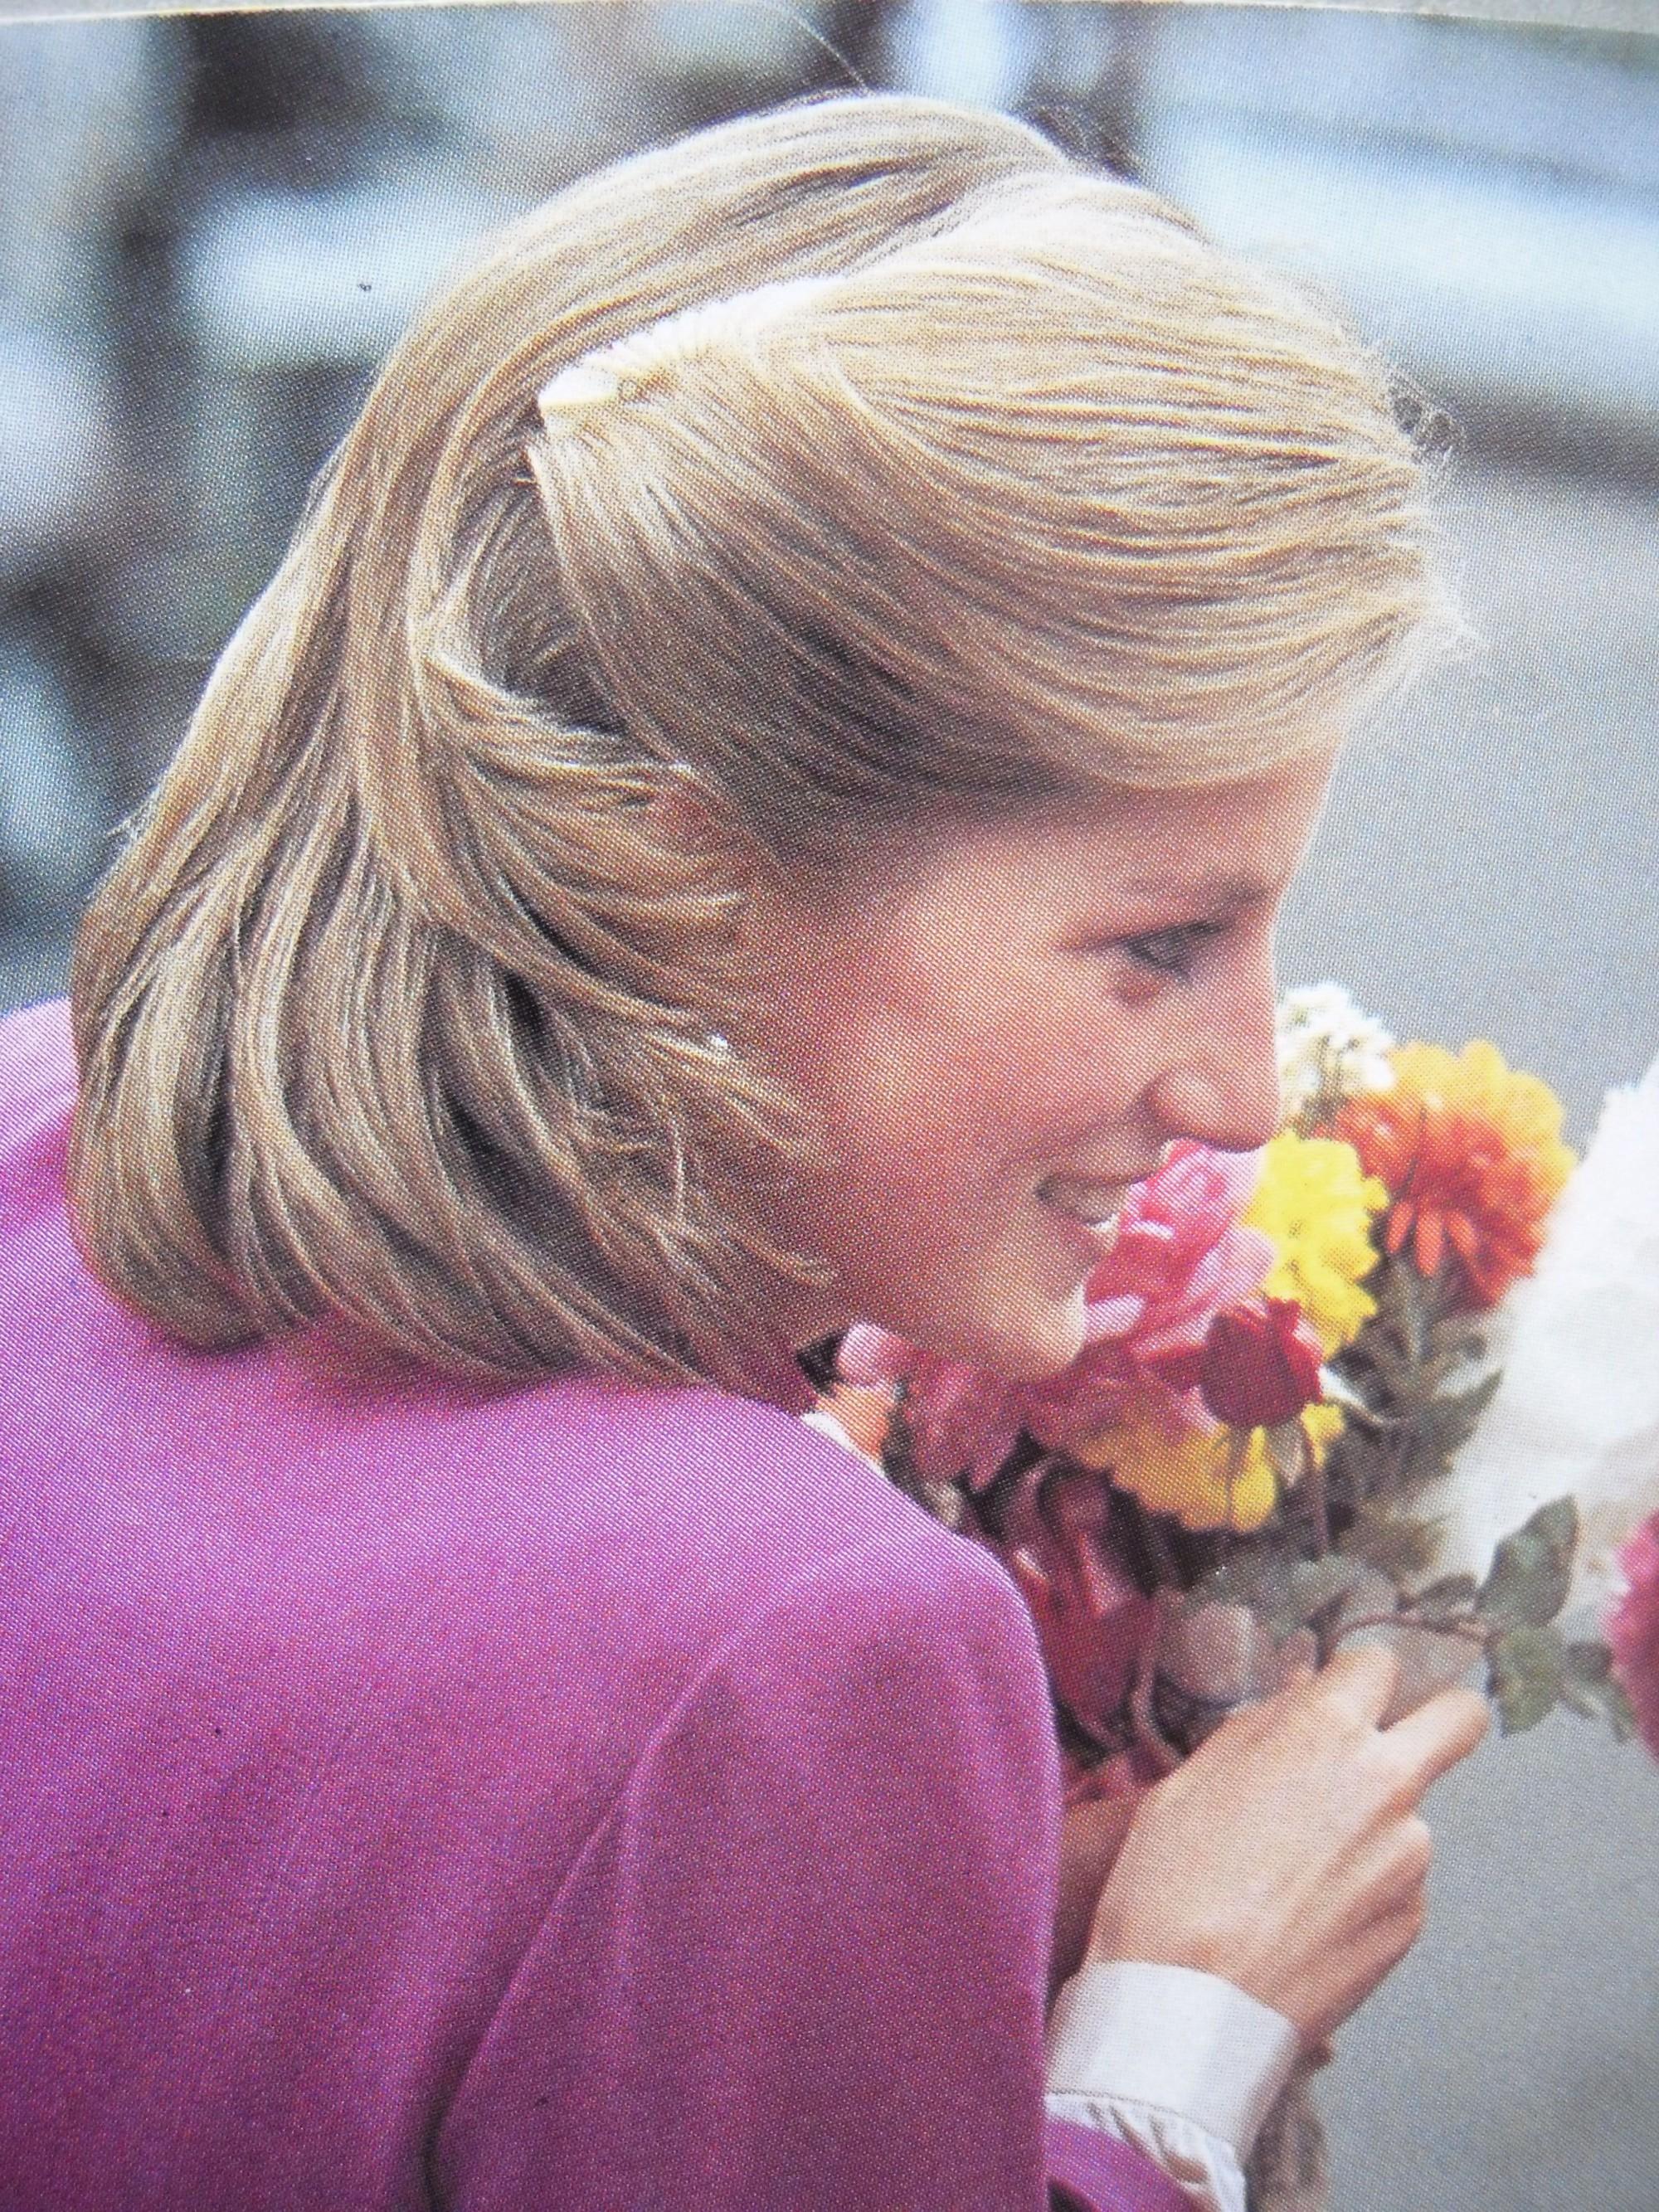 Mấy ai để ý rằng Công nương Diana cũng có 1 thời để tóc lỡ vai đầy dịu dàng và trang nhã đến vậy-6